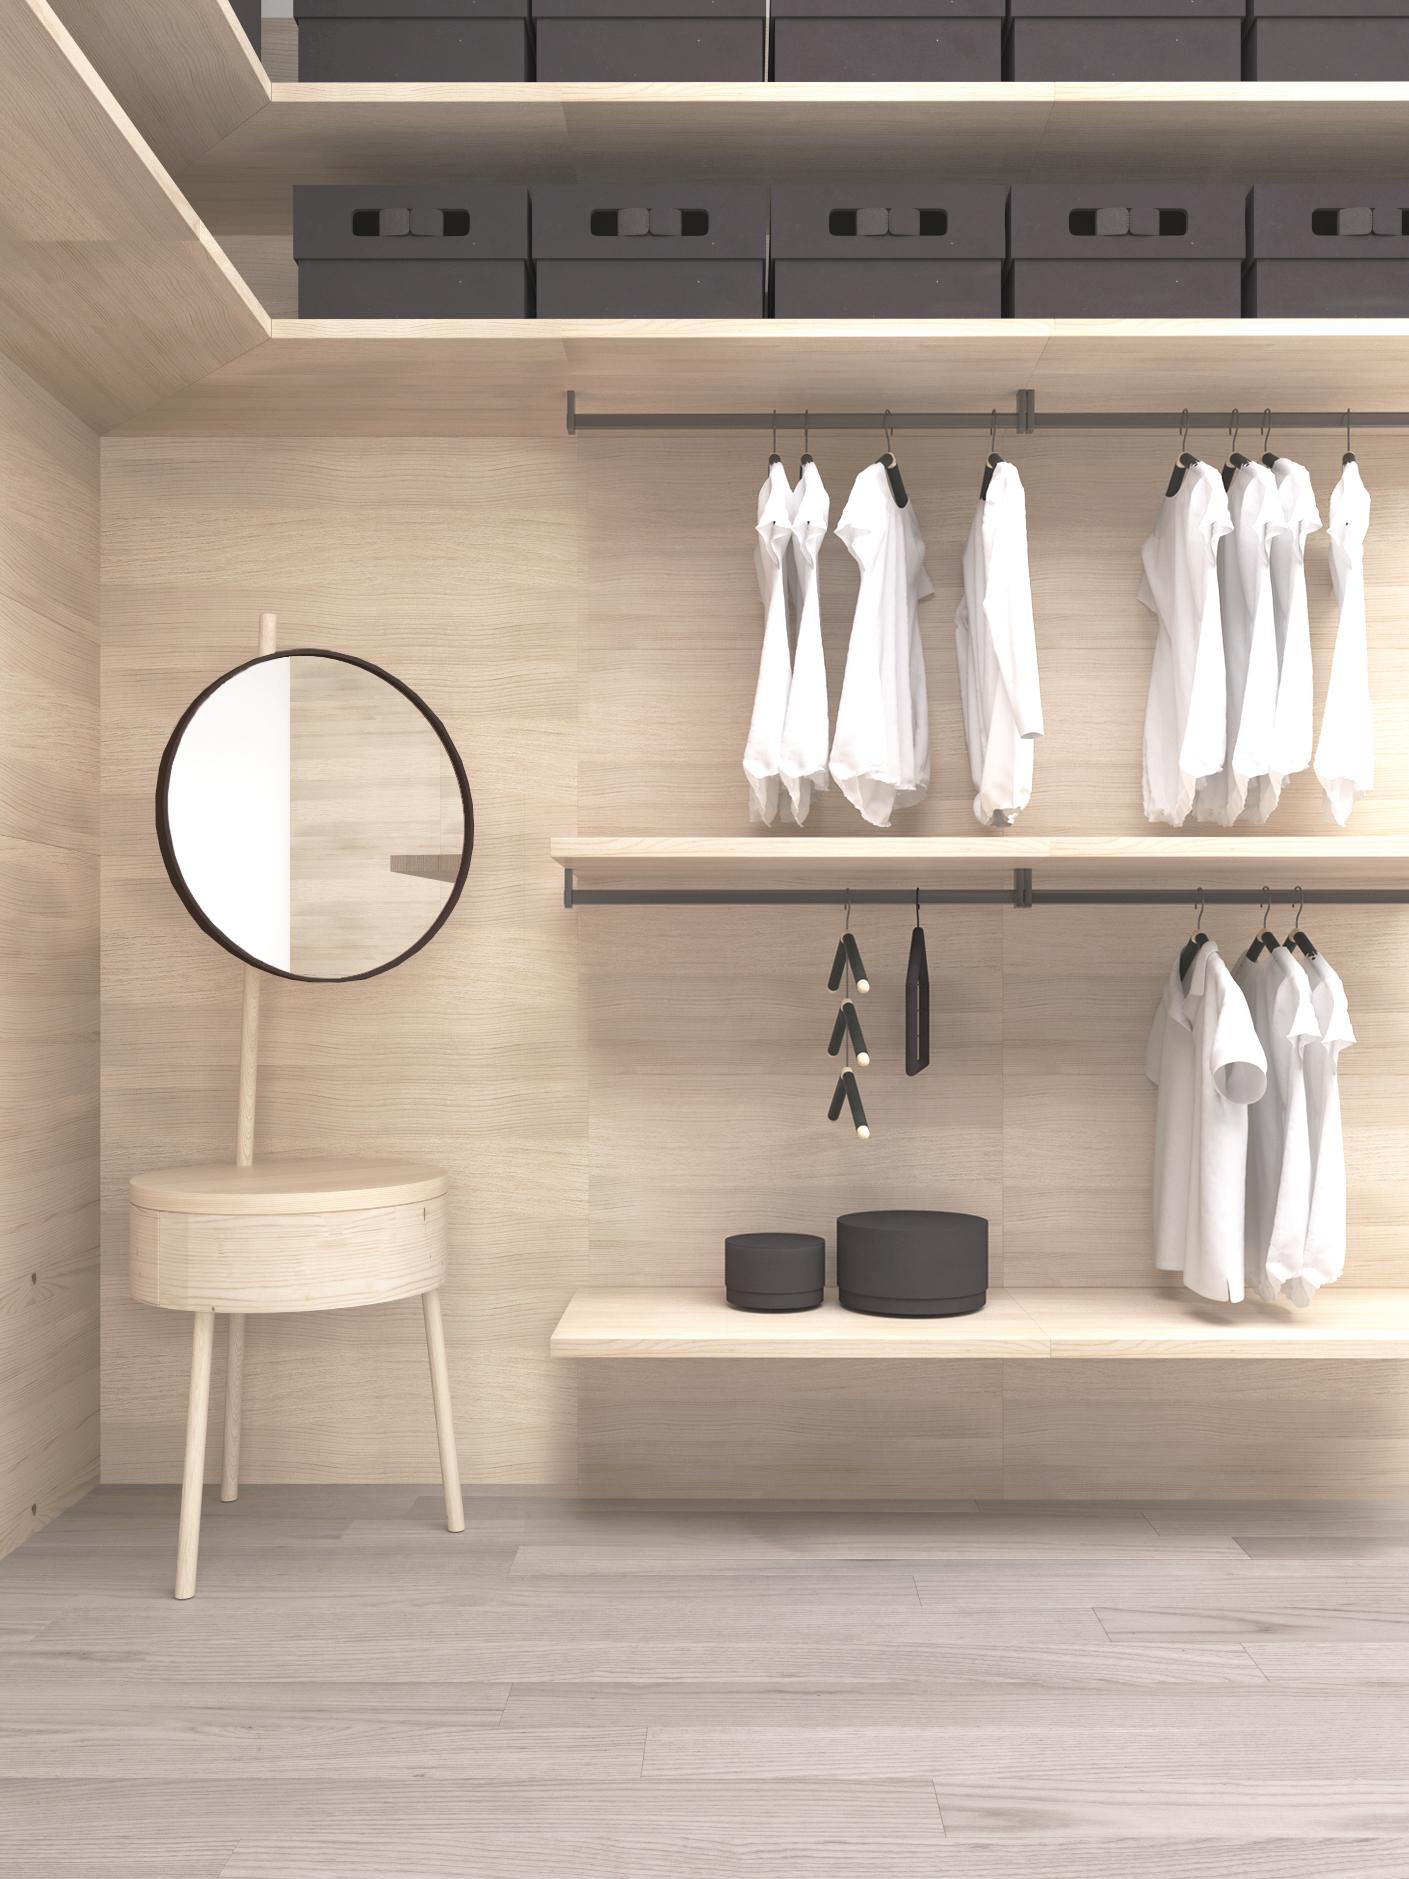 L a c cabina armadio e accessori madema - Accessori cabina armadio ...